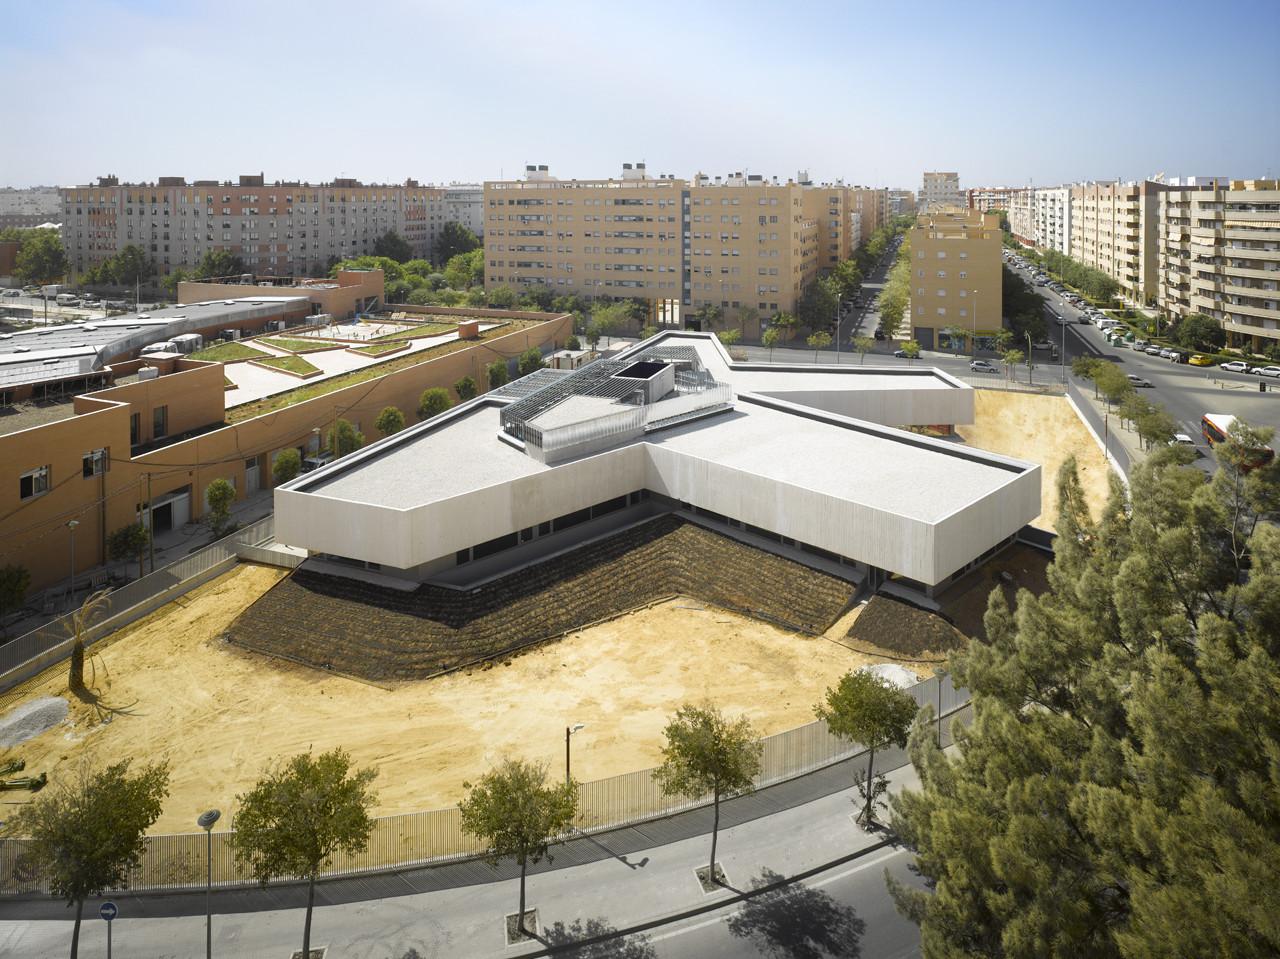 Comisaría Distrito Este de Sevilla / Paredes Pedrosa. Image © Roland Halbe